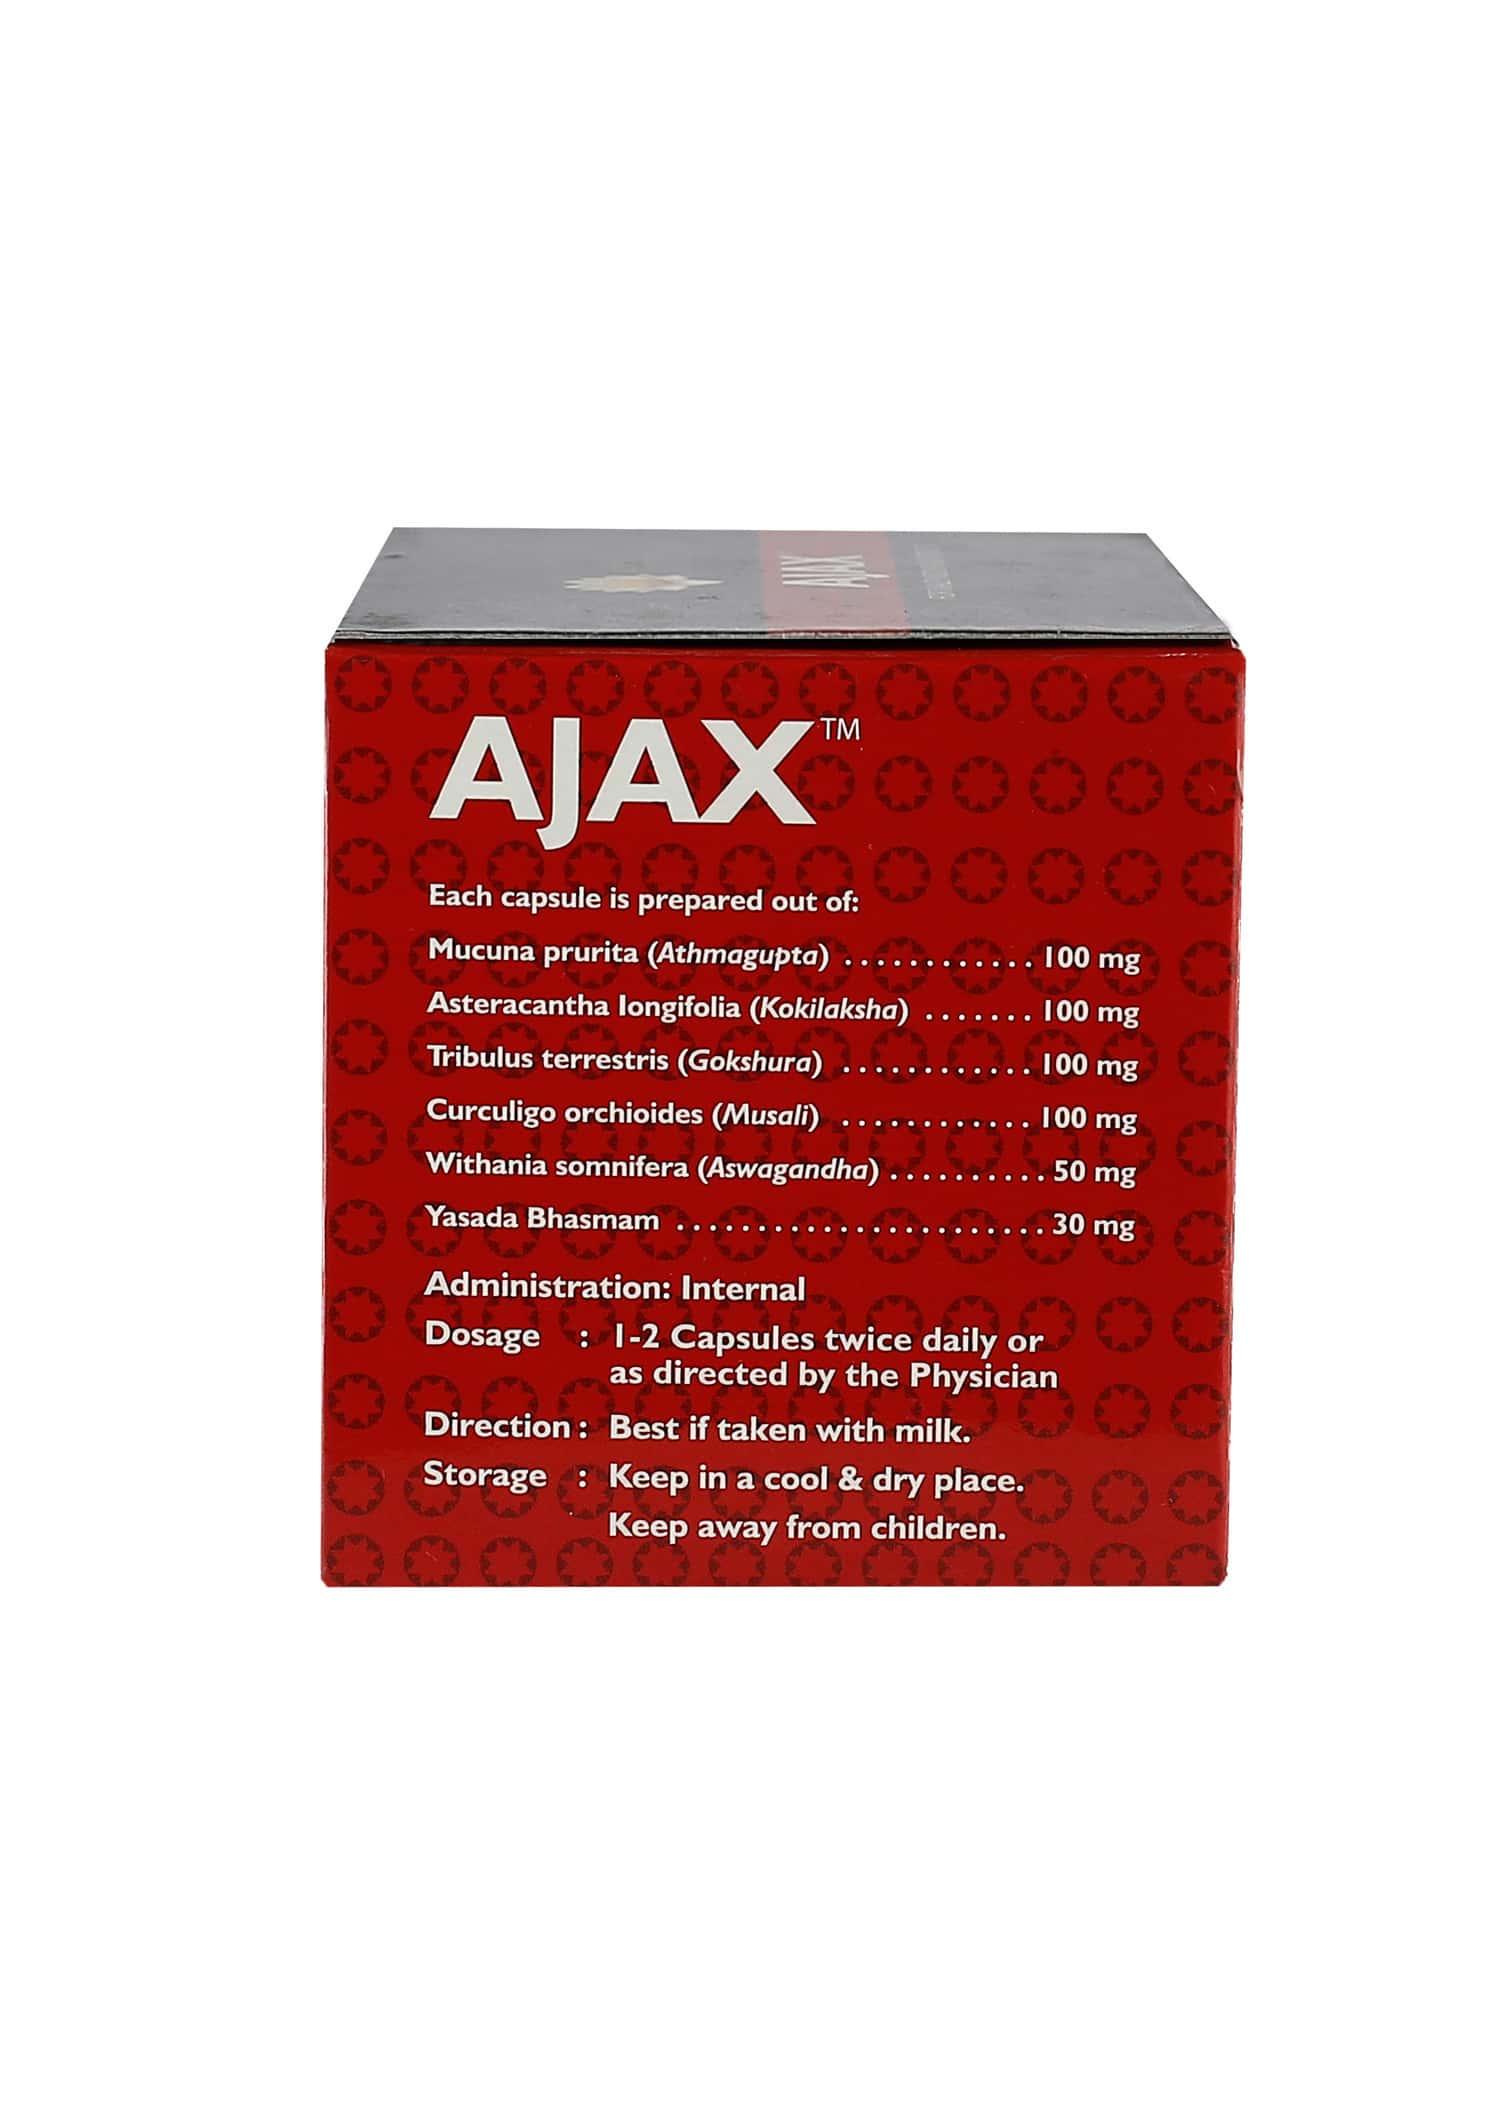 Kerala Ayurveda Ajax Vigor Improvement Capsules Box Of 50 's